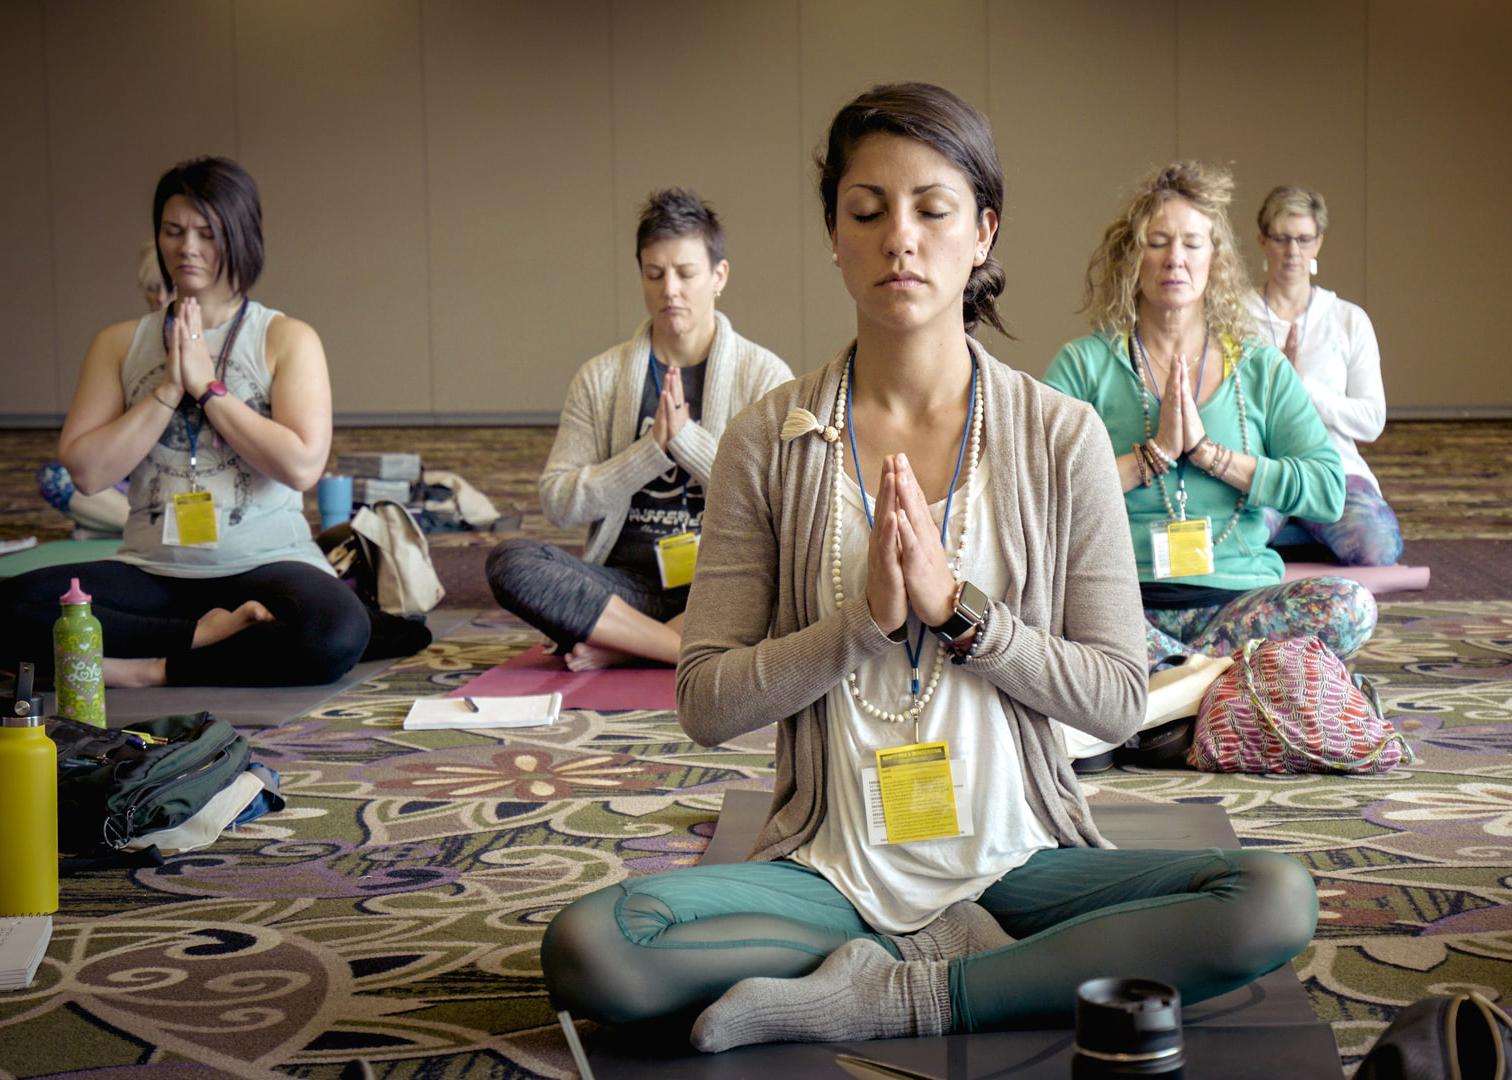 Wenn du dir ein wenig Zeit lässt um in diese kurze Meditation einzusinken, kannst du so in einen Zustand kommen, der entspannt und aufmerksam zugleich ist. Das Gefühl 'nichts tun/verändern zu müssen' kann zu einem Anker in dir selbst werden, welcher sich als Zentriertheit oder ein 'bei dir sein' ausdrückt. Du bist dann achtsam präsent mit allem was ist.